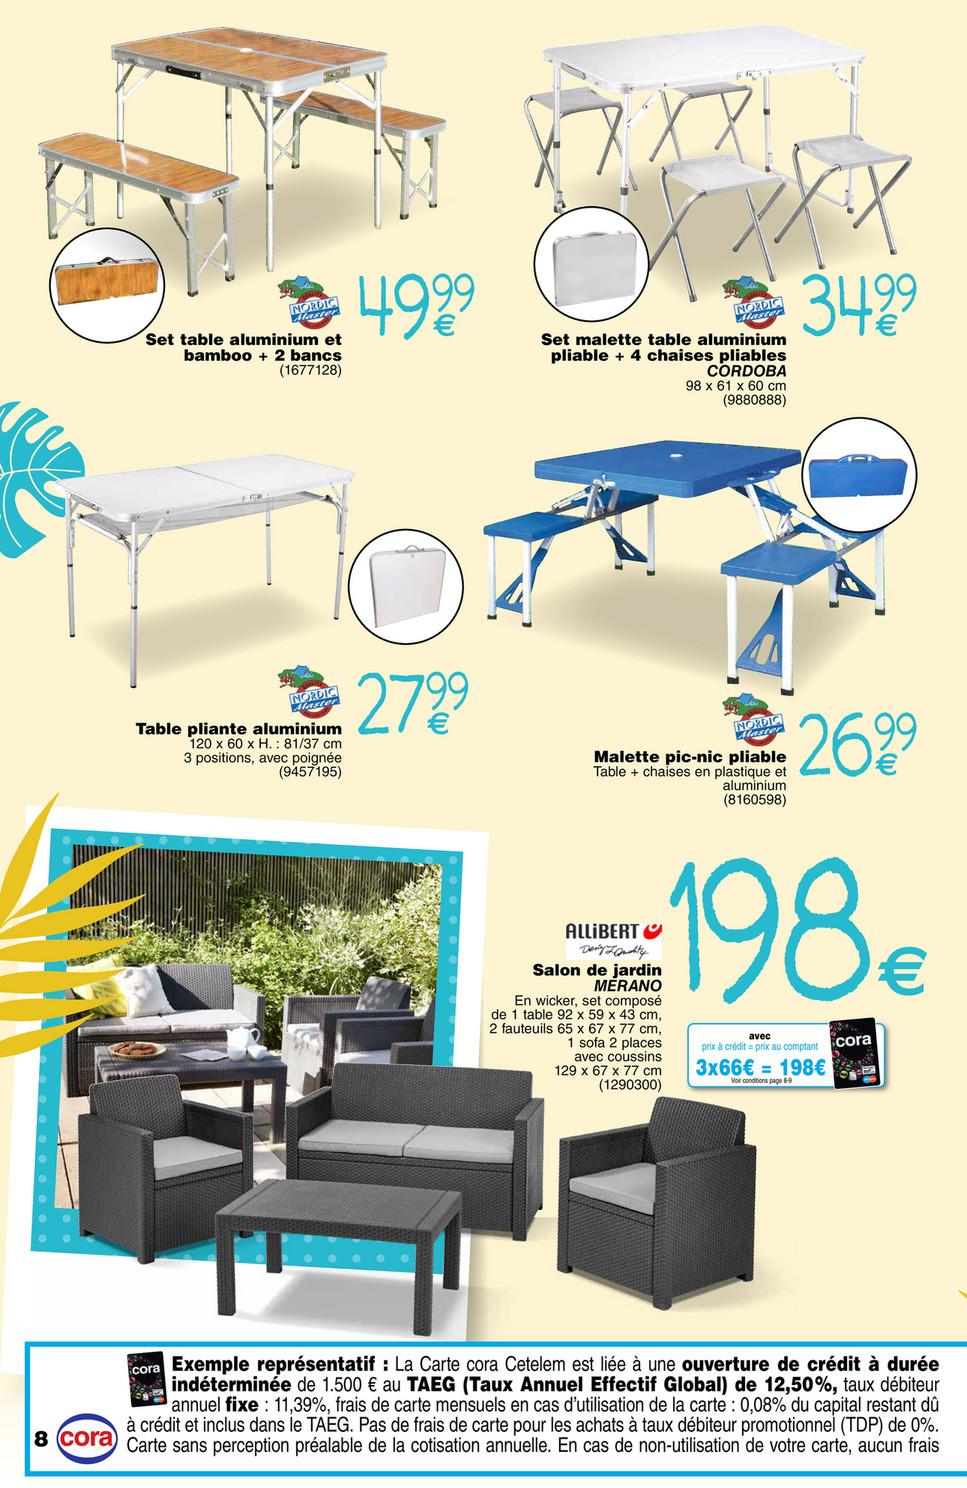 Cora - 20-06 vacances chez Cora - Page 8-9